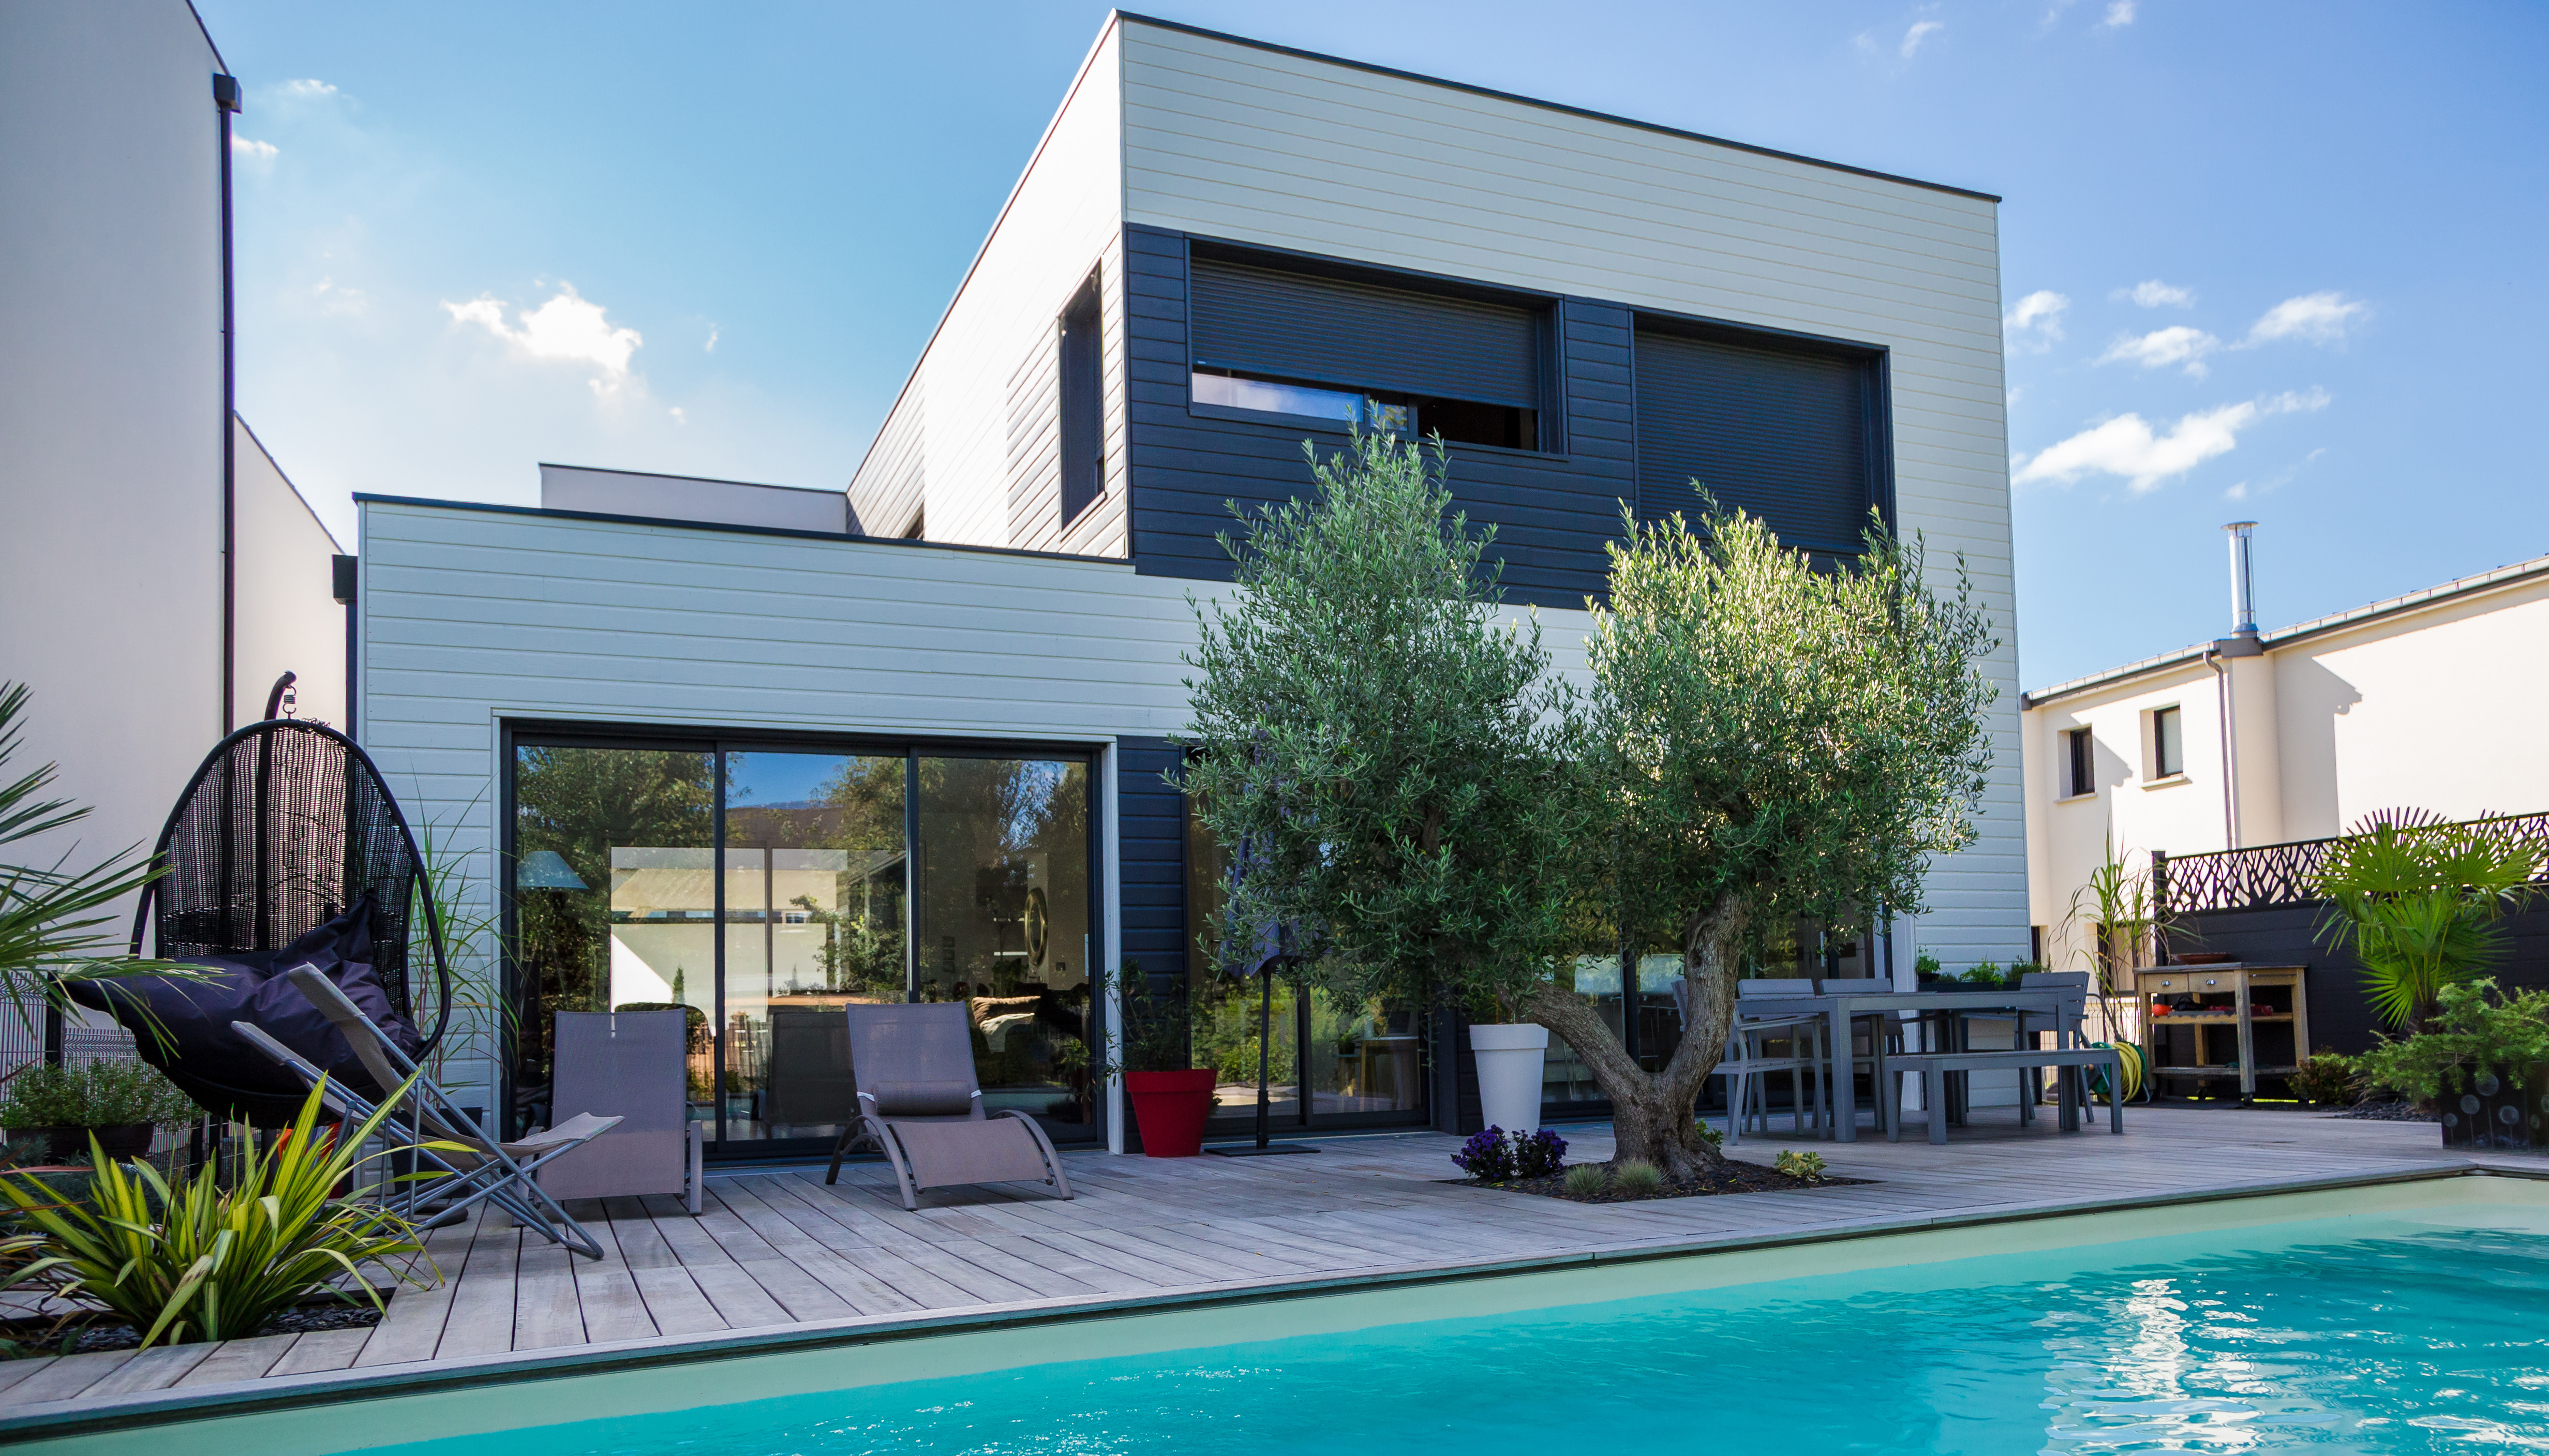 Maison Moderne Avec Patio Interieur maison ossature bois moderne et lumineuse / trecobois